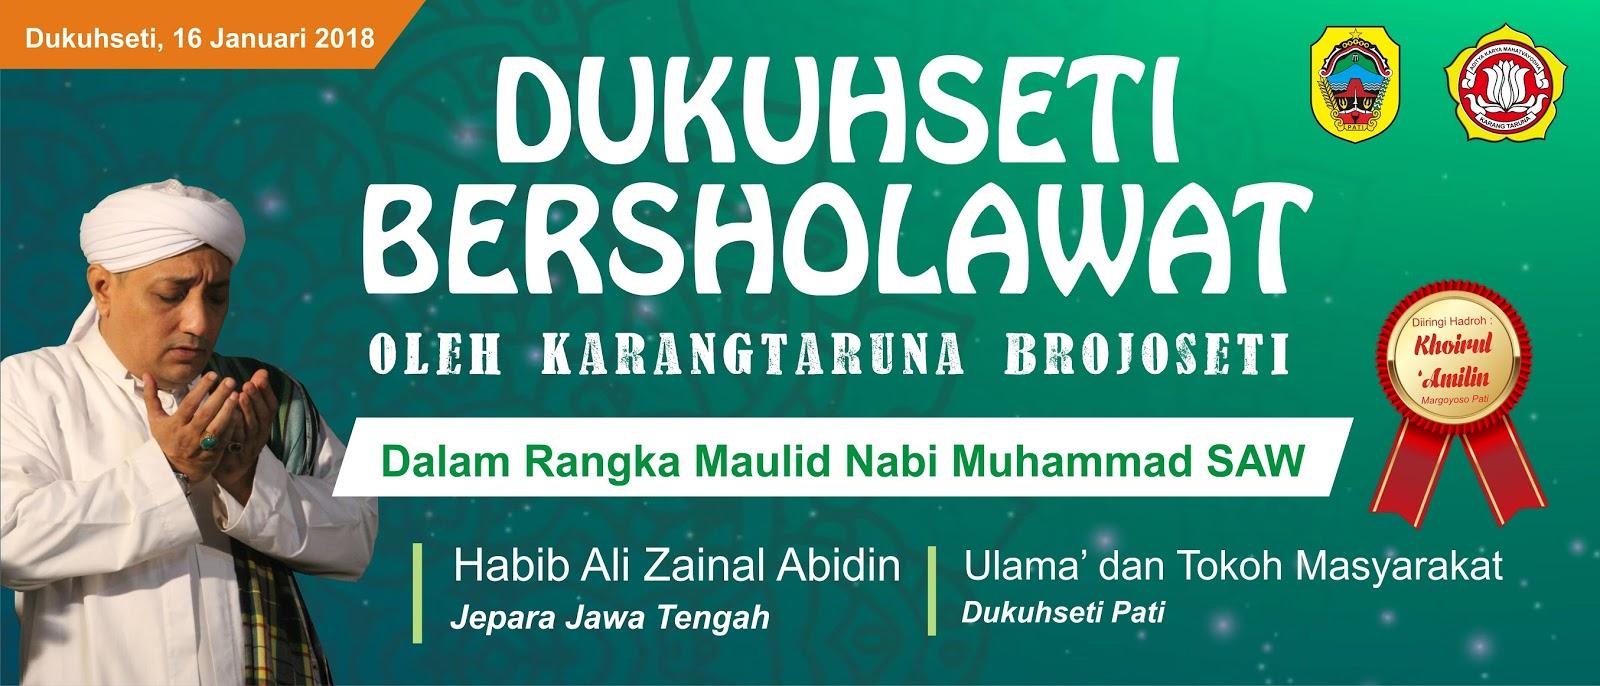 Banner Panggung Sholawat Ukuran Meter